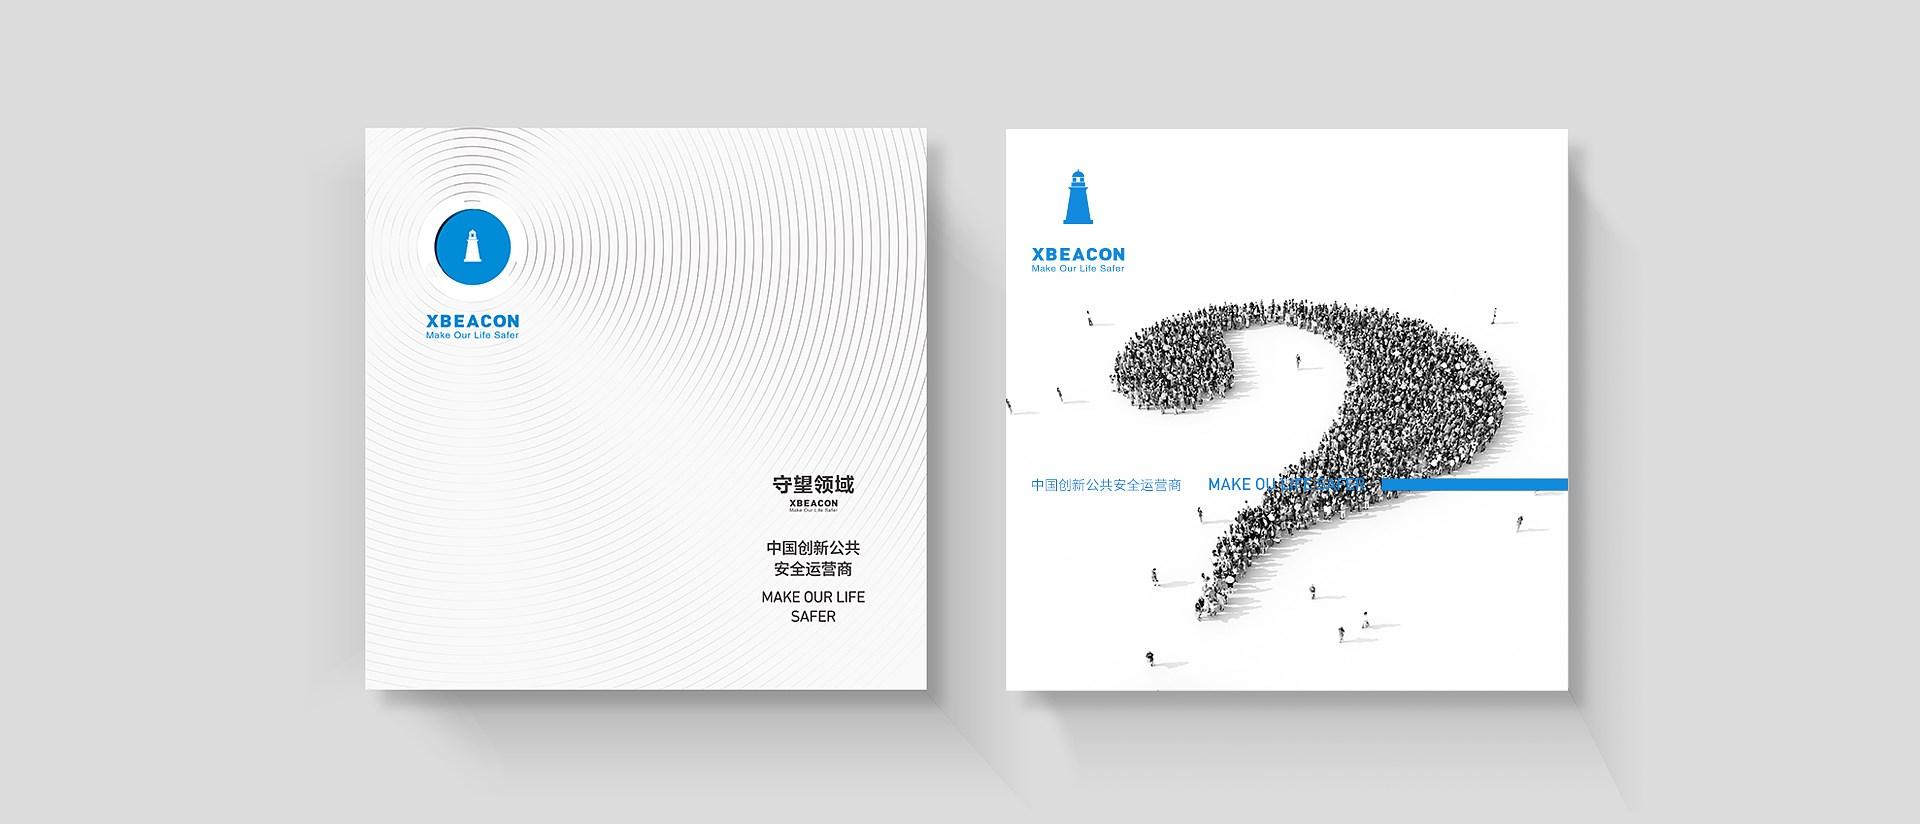 002-封面设计.jpg